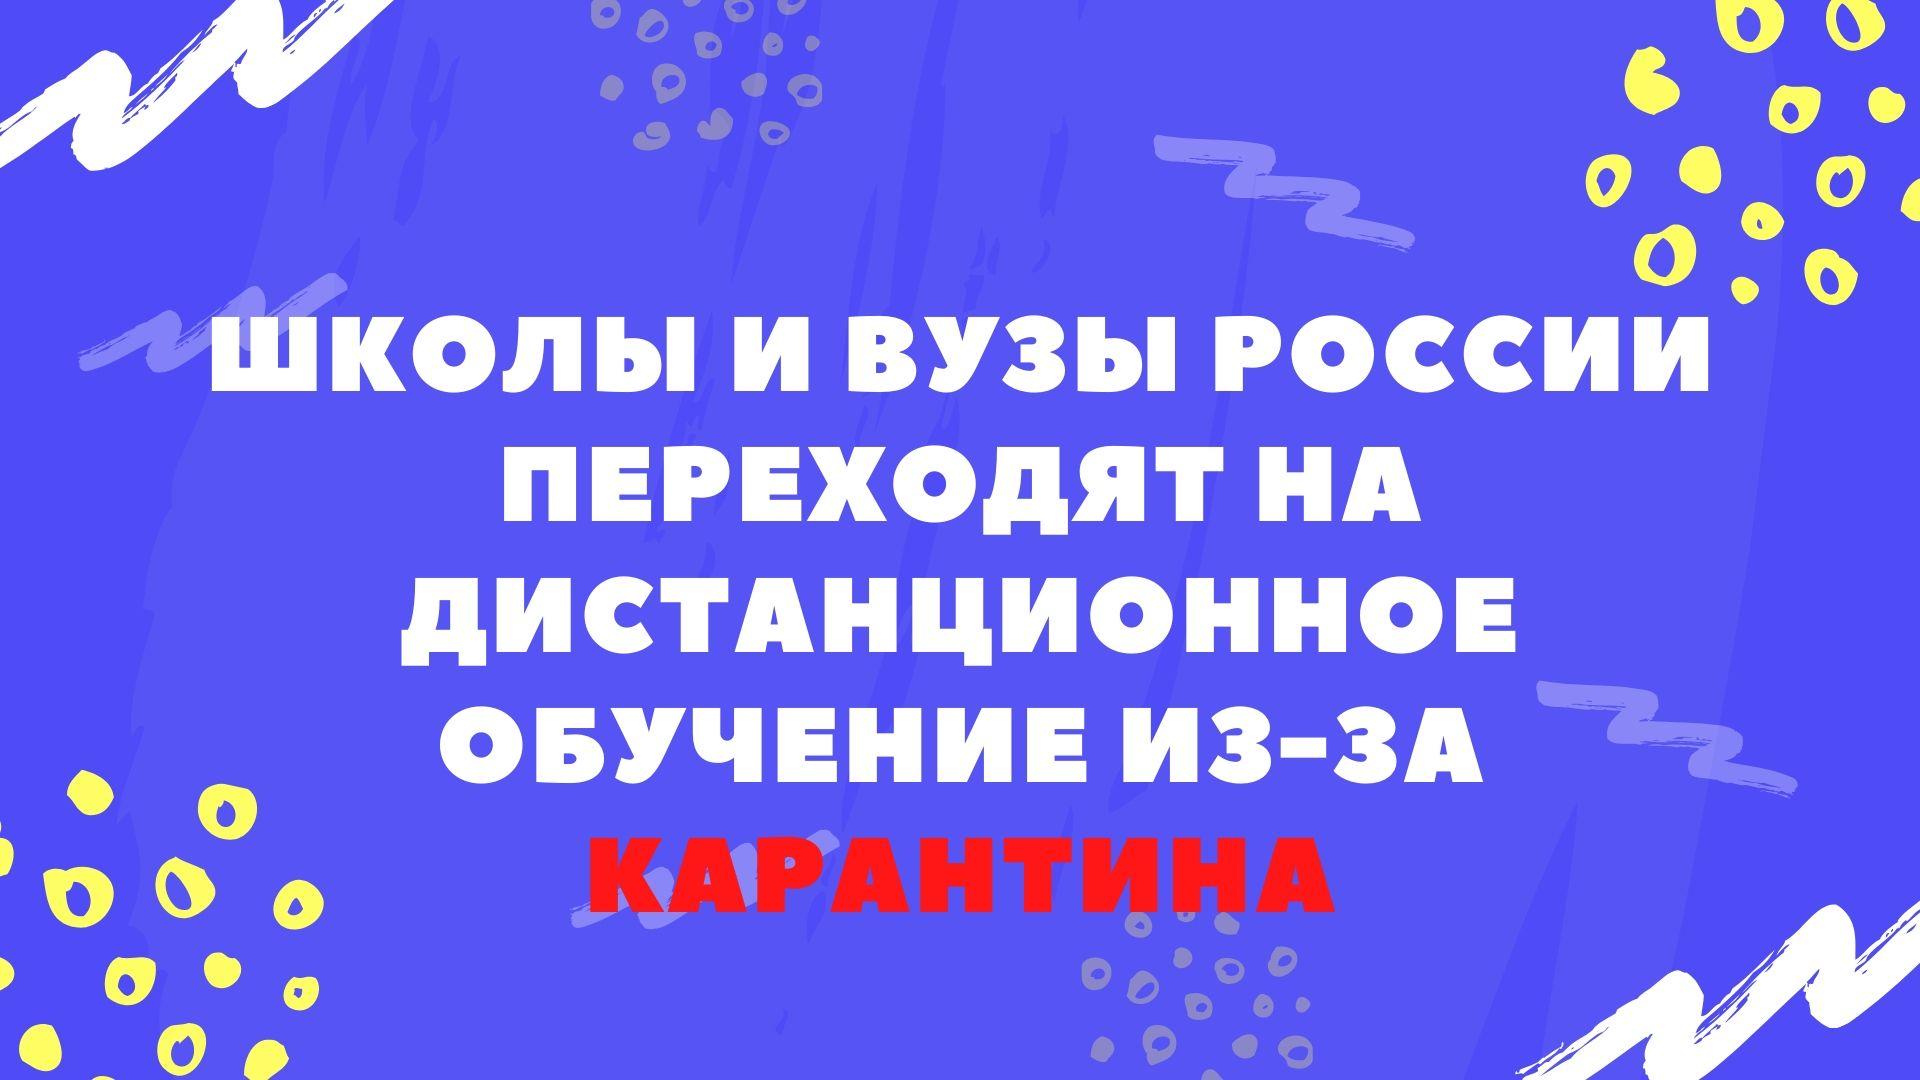 Школы и ВУЗы России переходят на дистанционное обучение из-за карантина